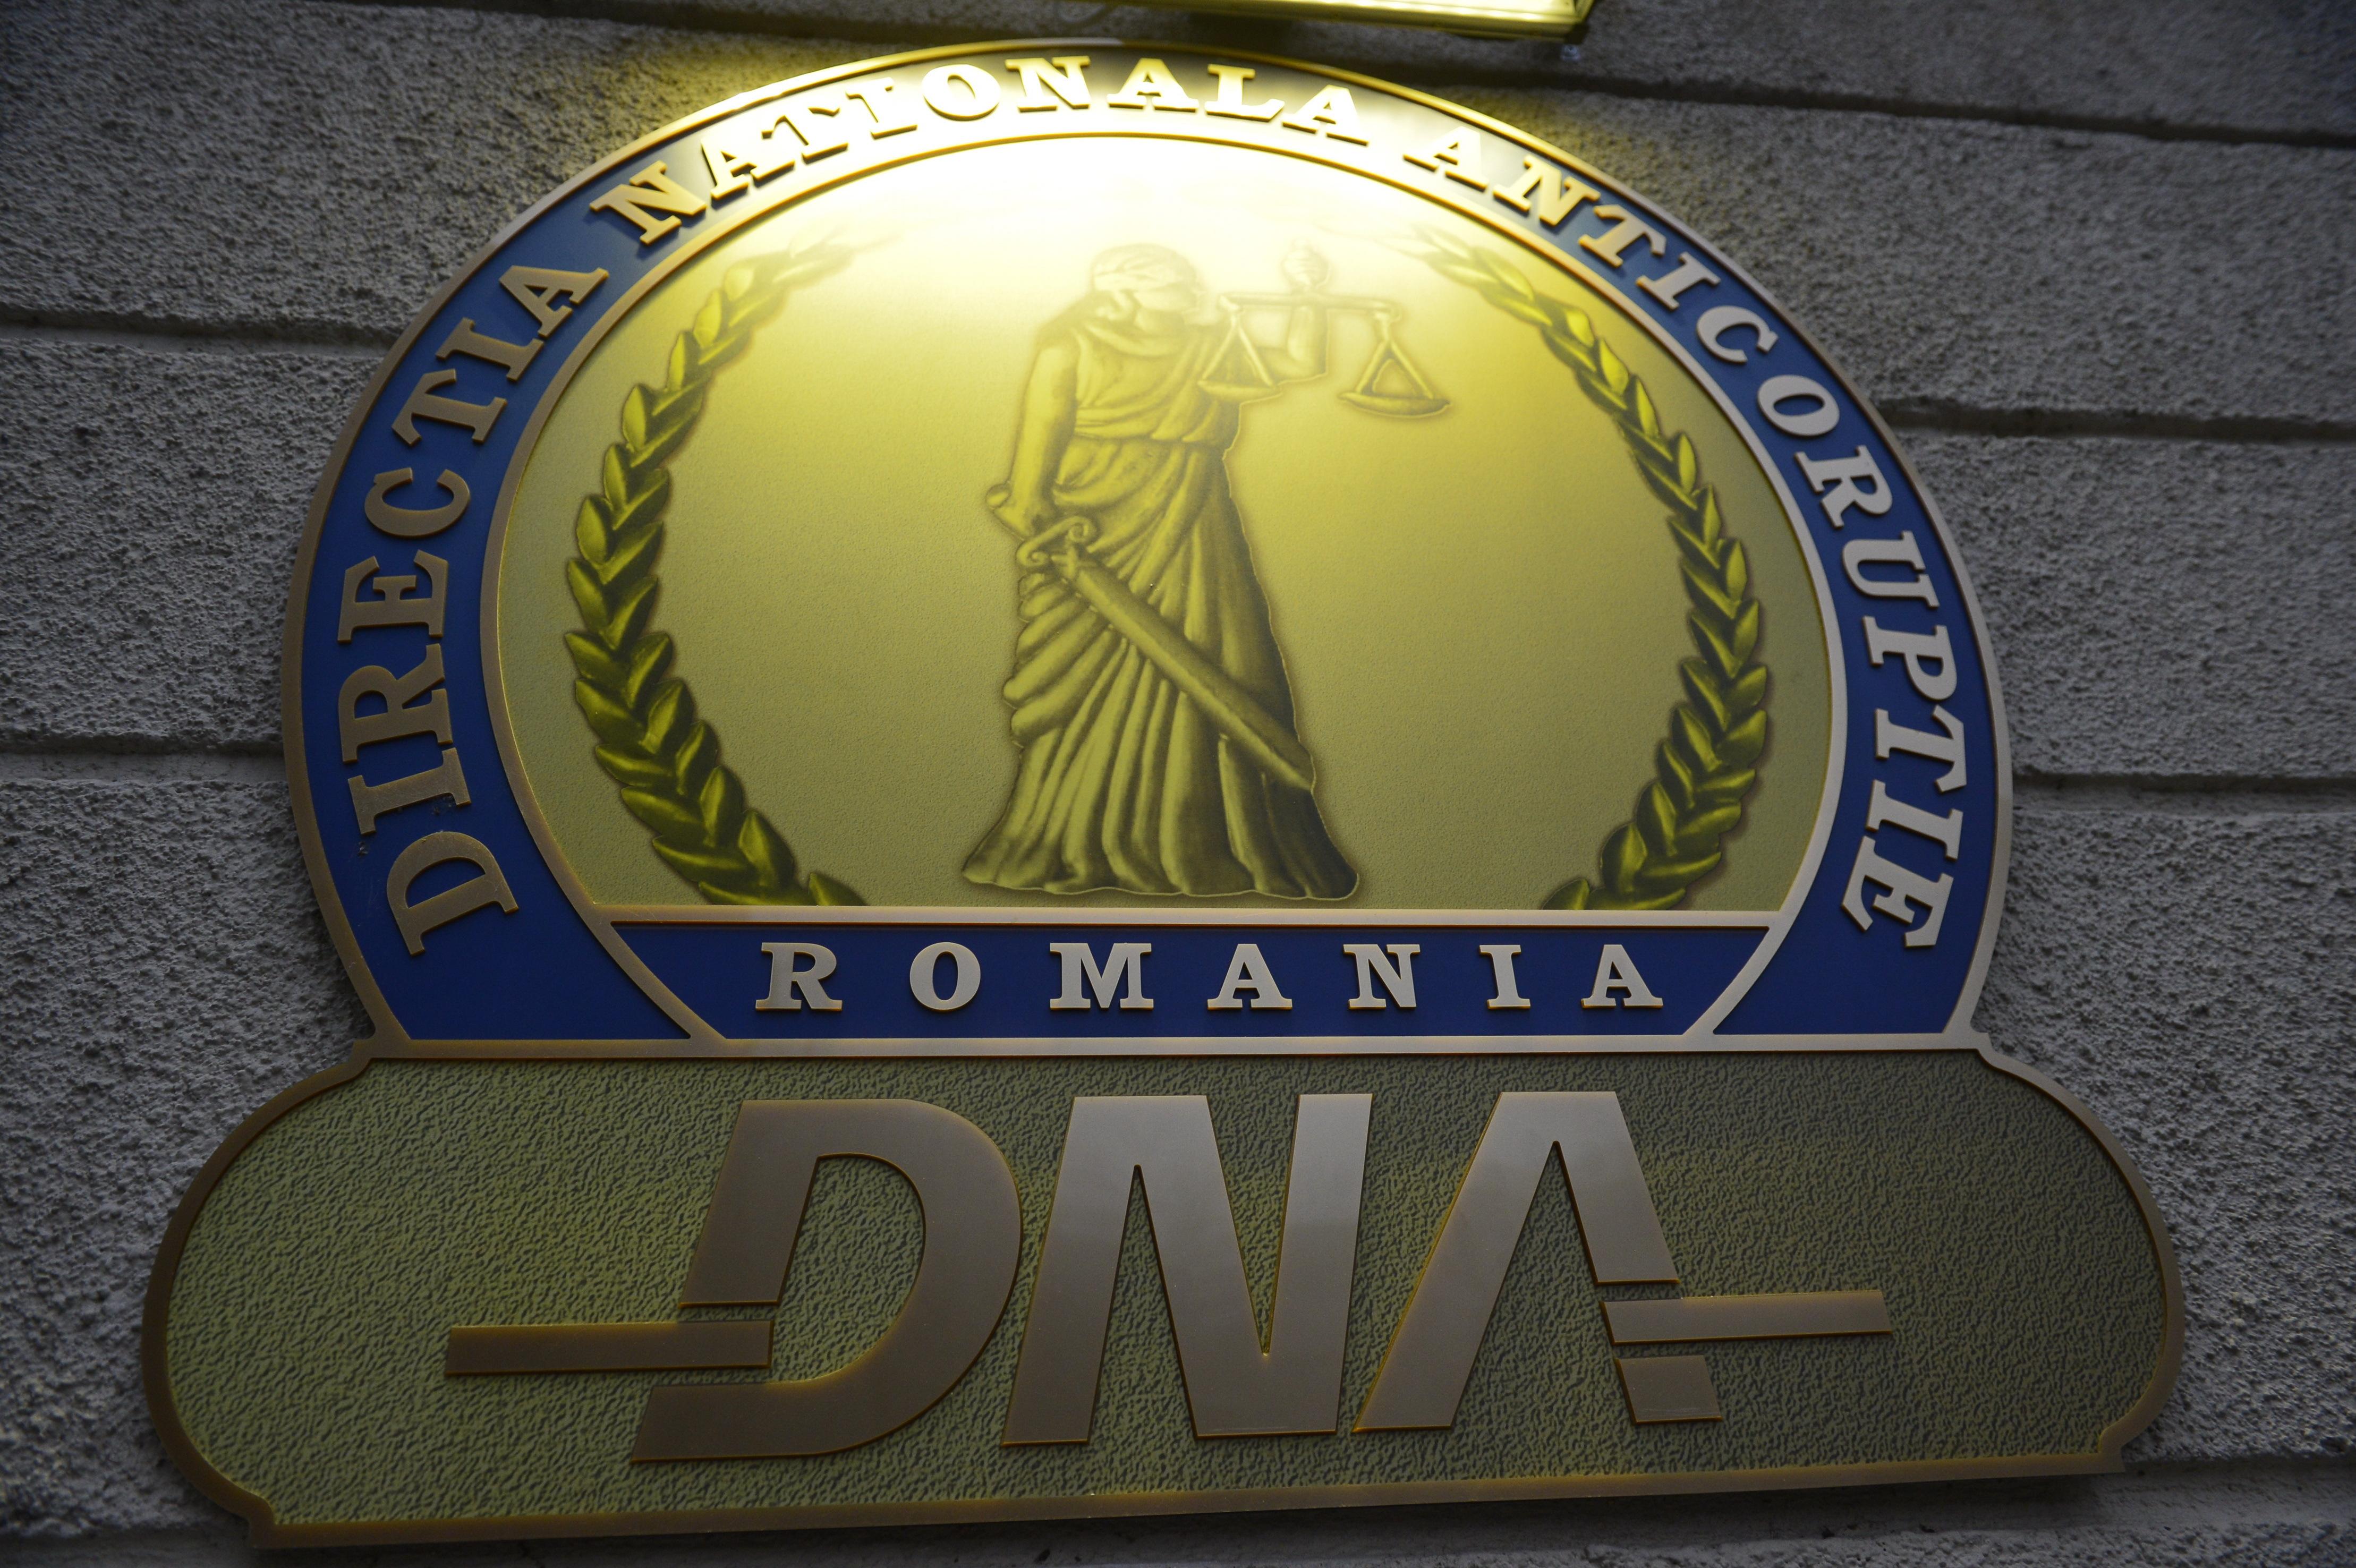 Procurorii Adrian Ţârlea şi Doru-Gabi Văcaru vor părăsi DNA de la 15 iulie, respectiv 1 septembrie